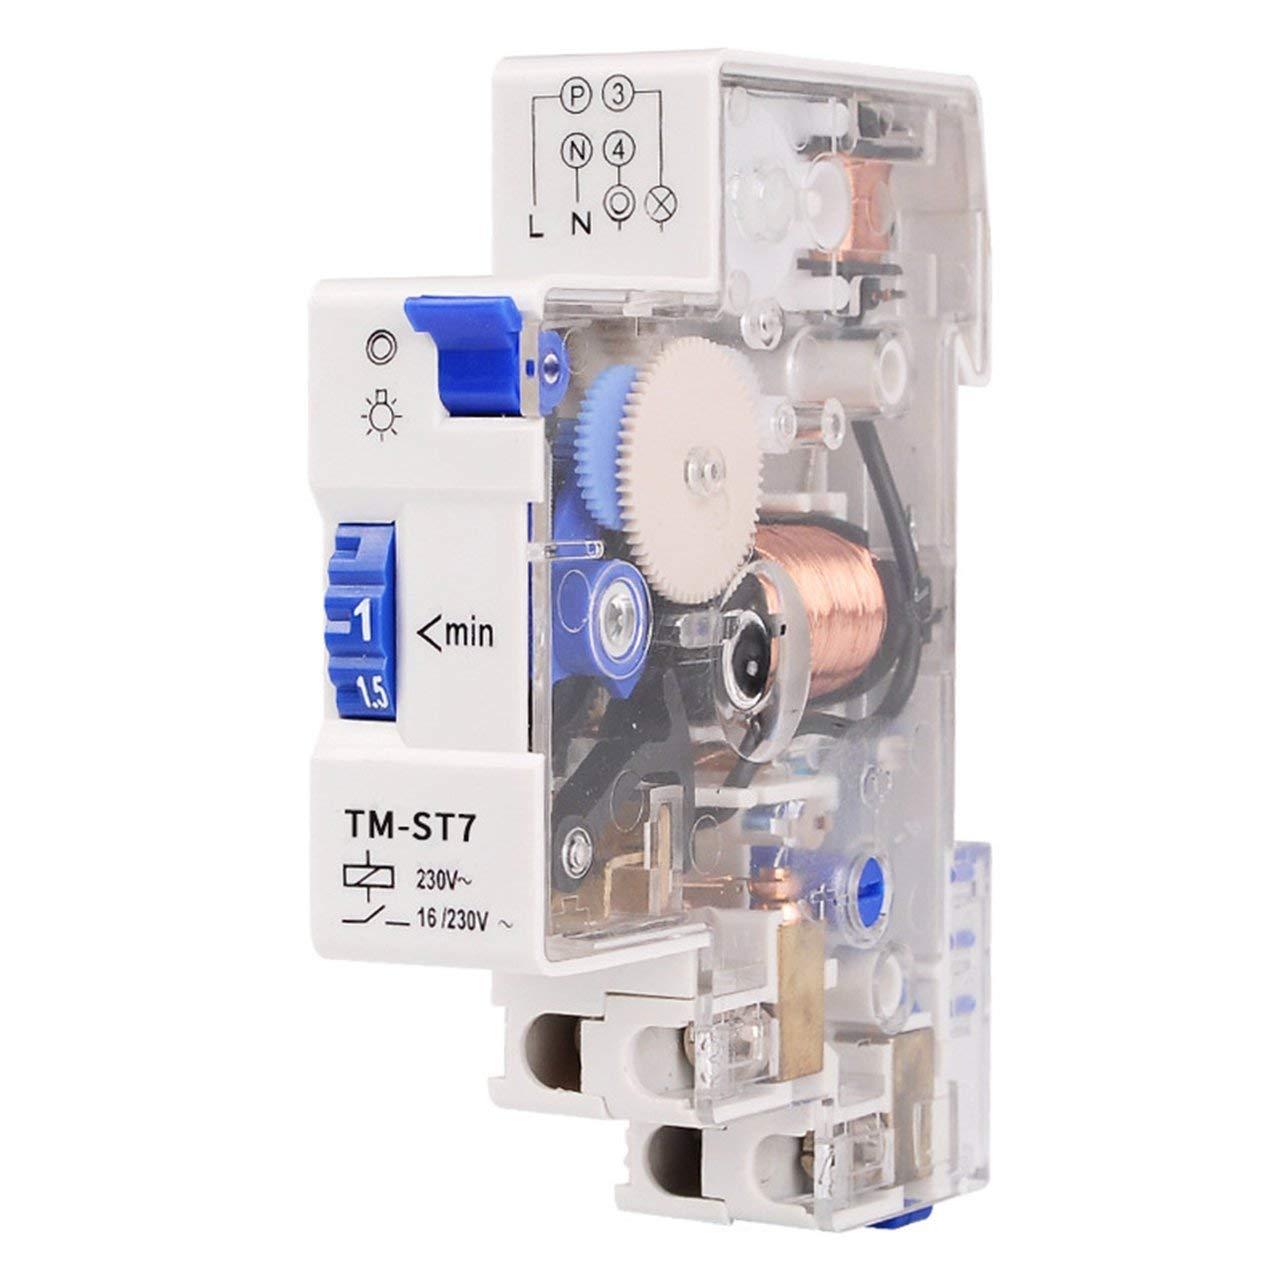 simple module minuterie 18 mm minuterie m/écanique 18 mm instruments de commutation rail DIN SINOTIMER TM-ST7 Minuterie m/écanique 7 minutes